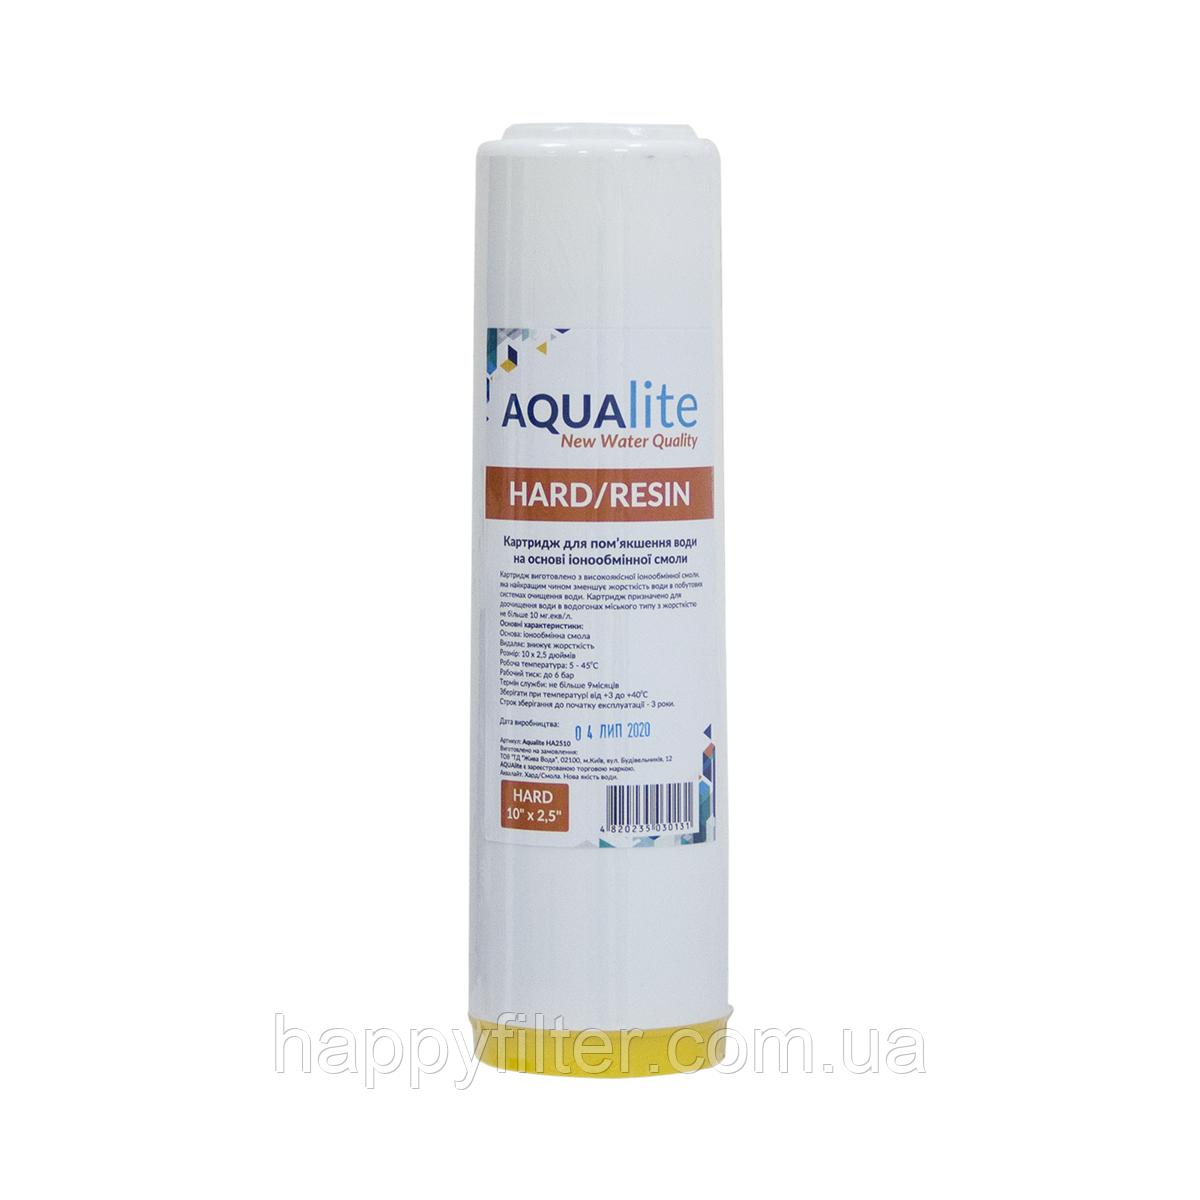 Картридж для умягчения воды Aqualite Hard